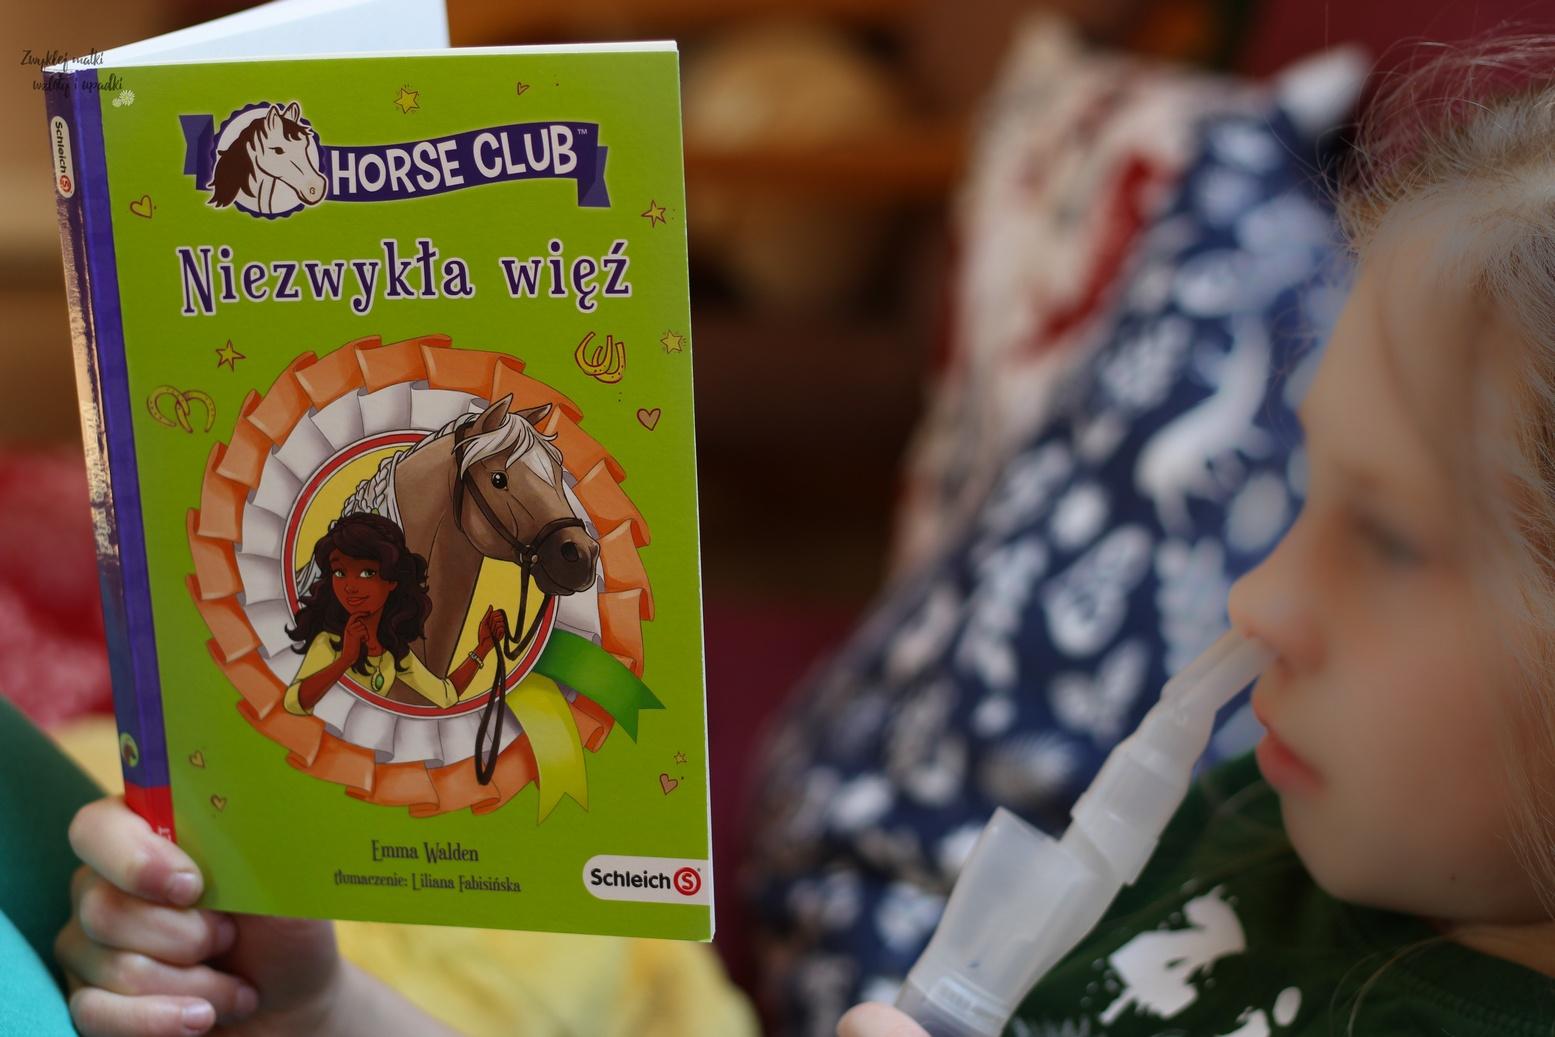 Horse Club Ameet